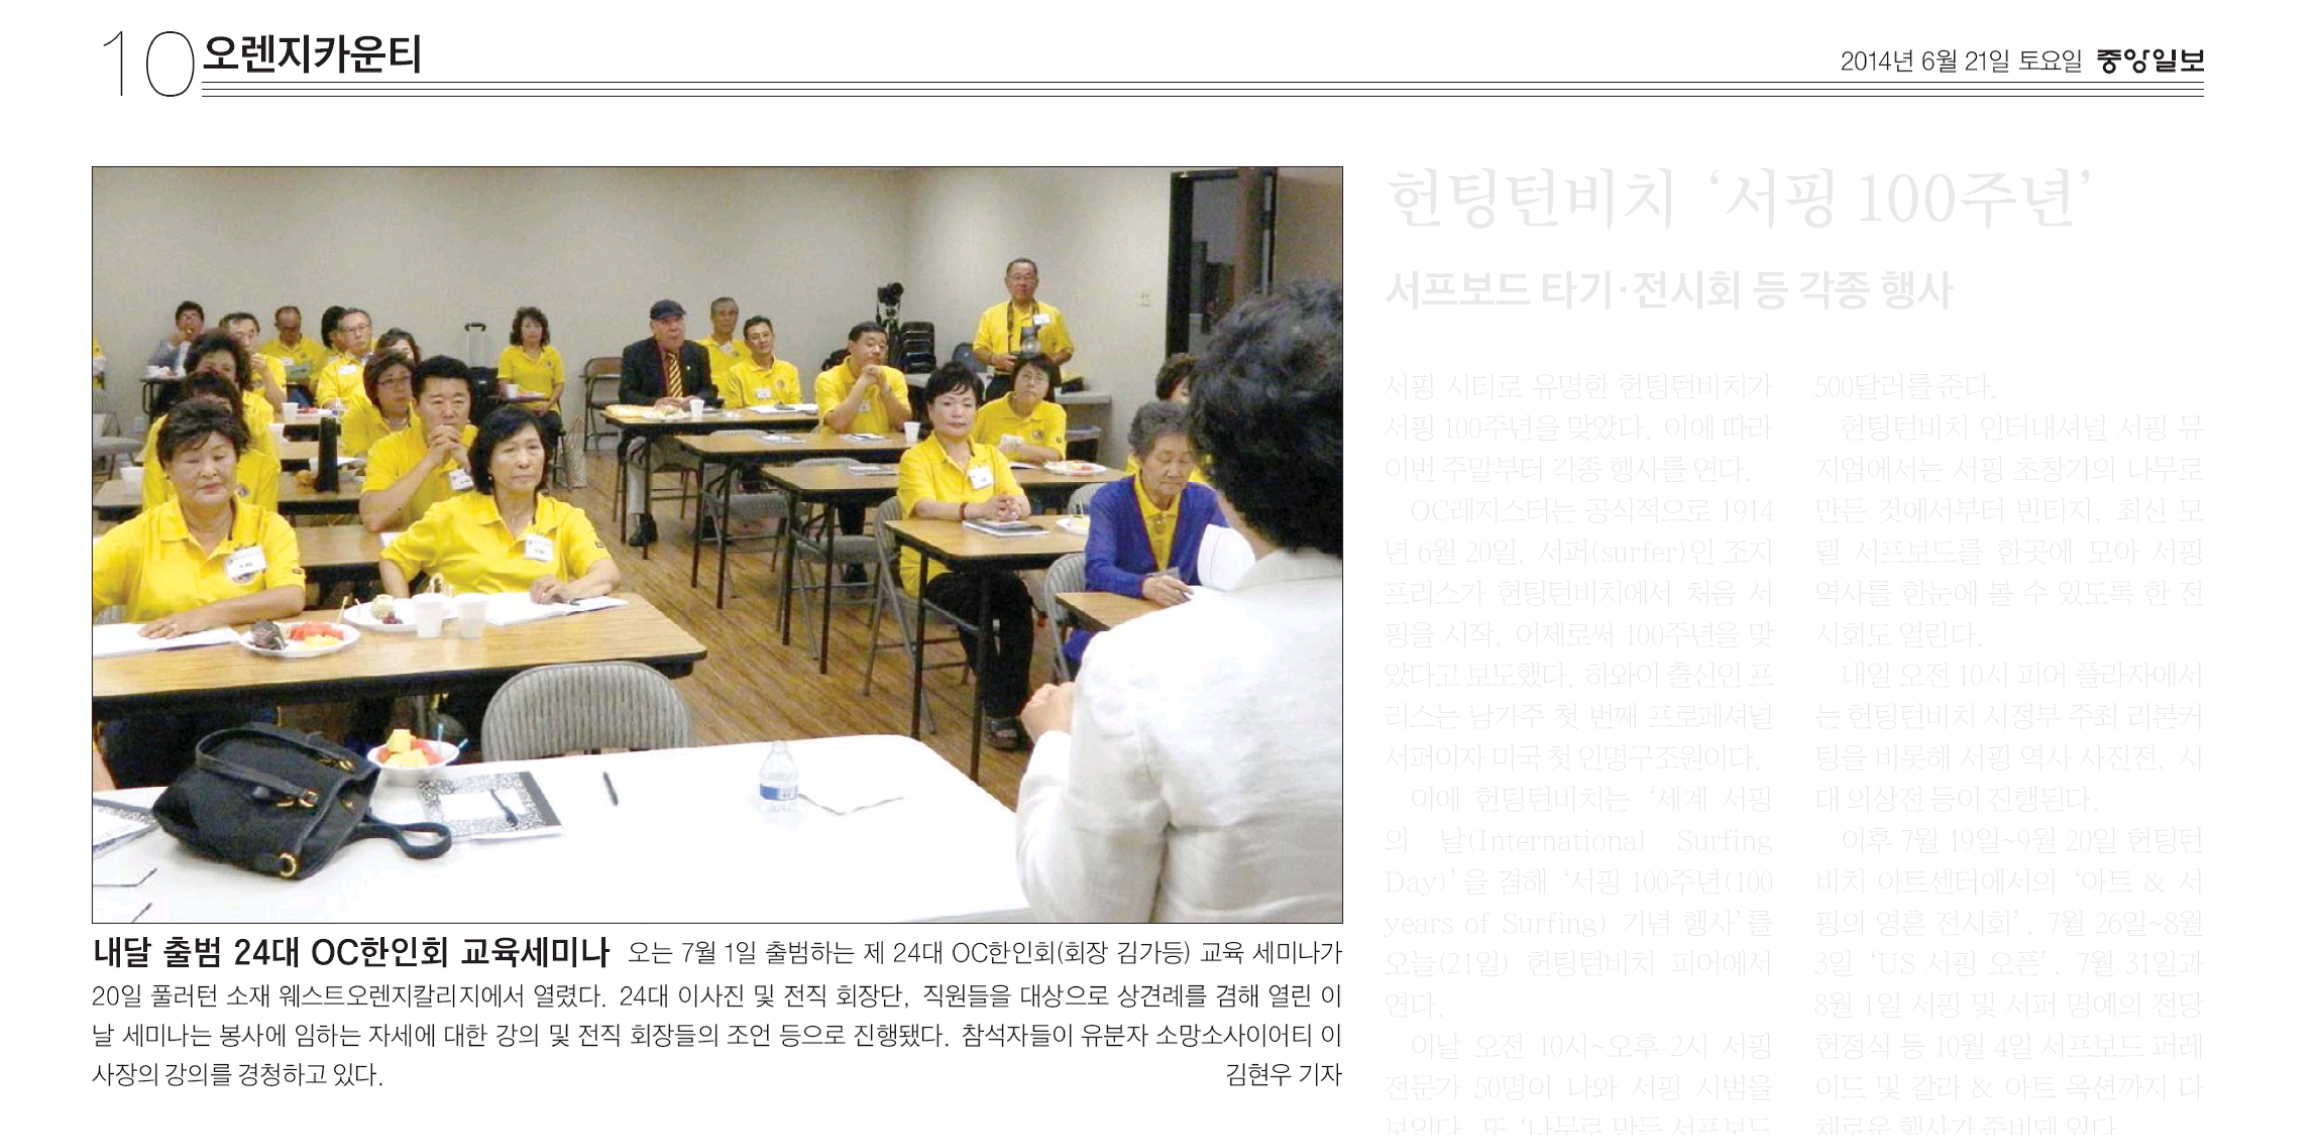 """""""내달 출범 24대 OC 한인회 교육세미나"""" 2014년 6월 21일  중앙일보"""